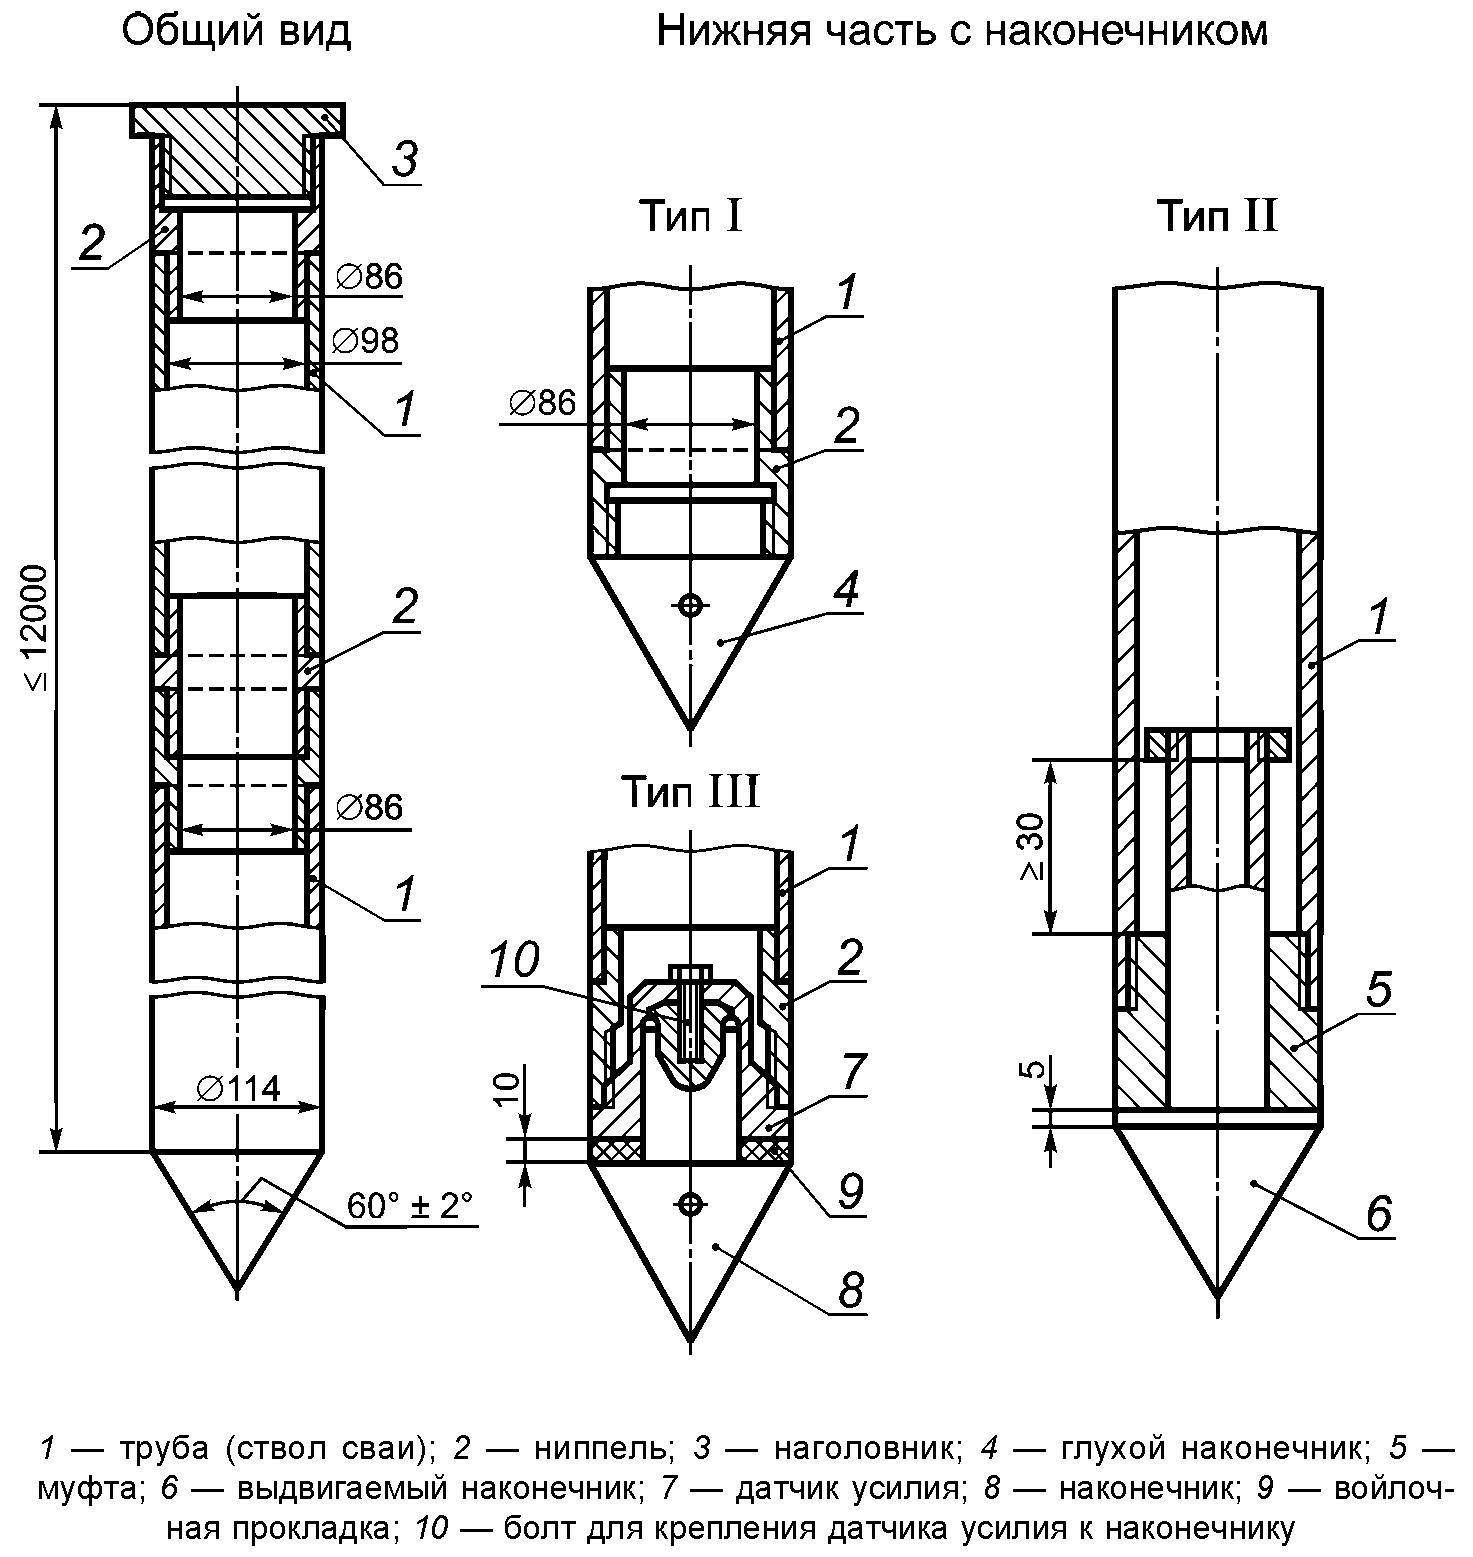 Схемы конструкций эталонной сваи